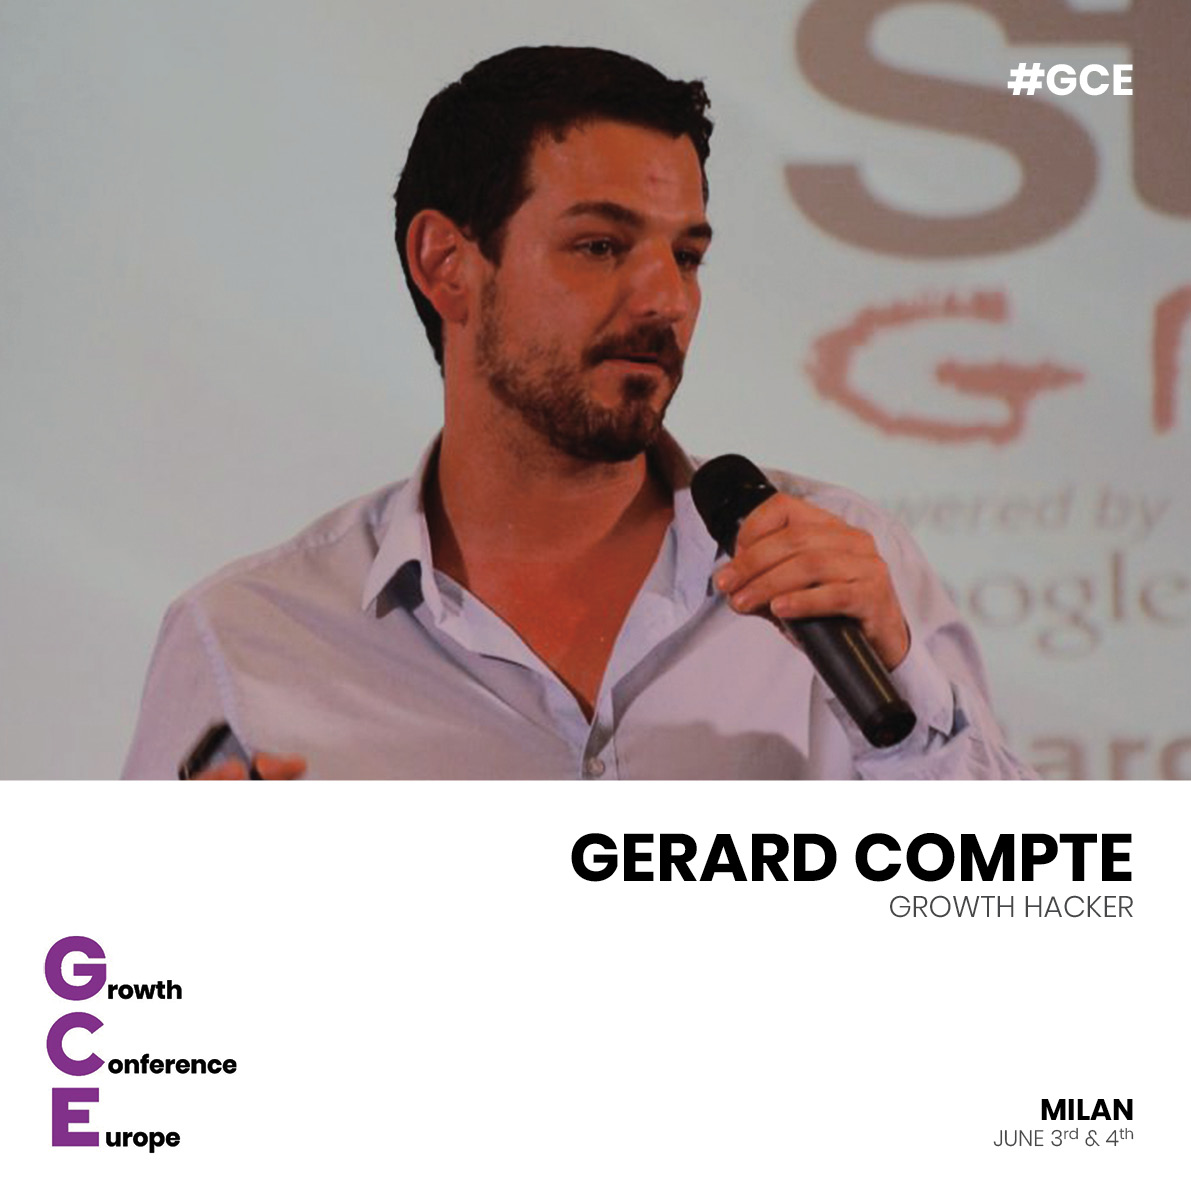 GCE_speaker20.jpg